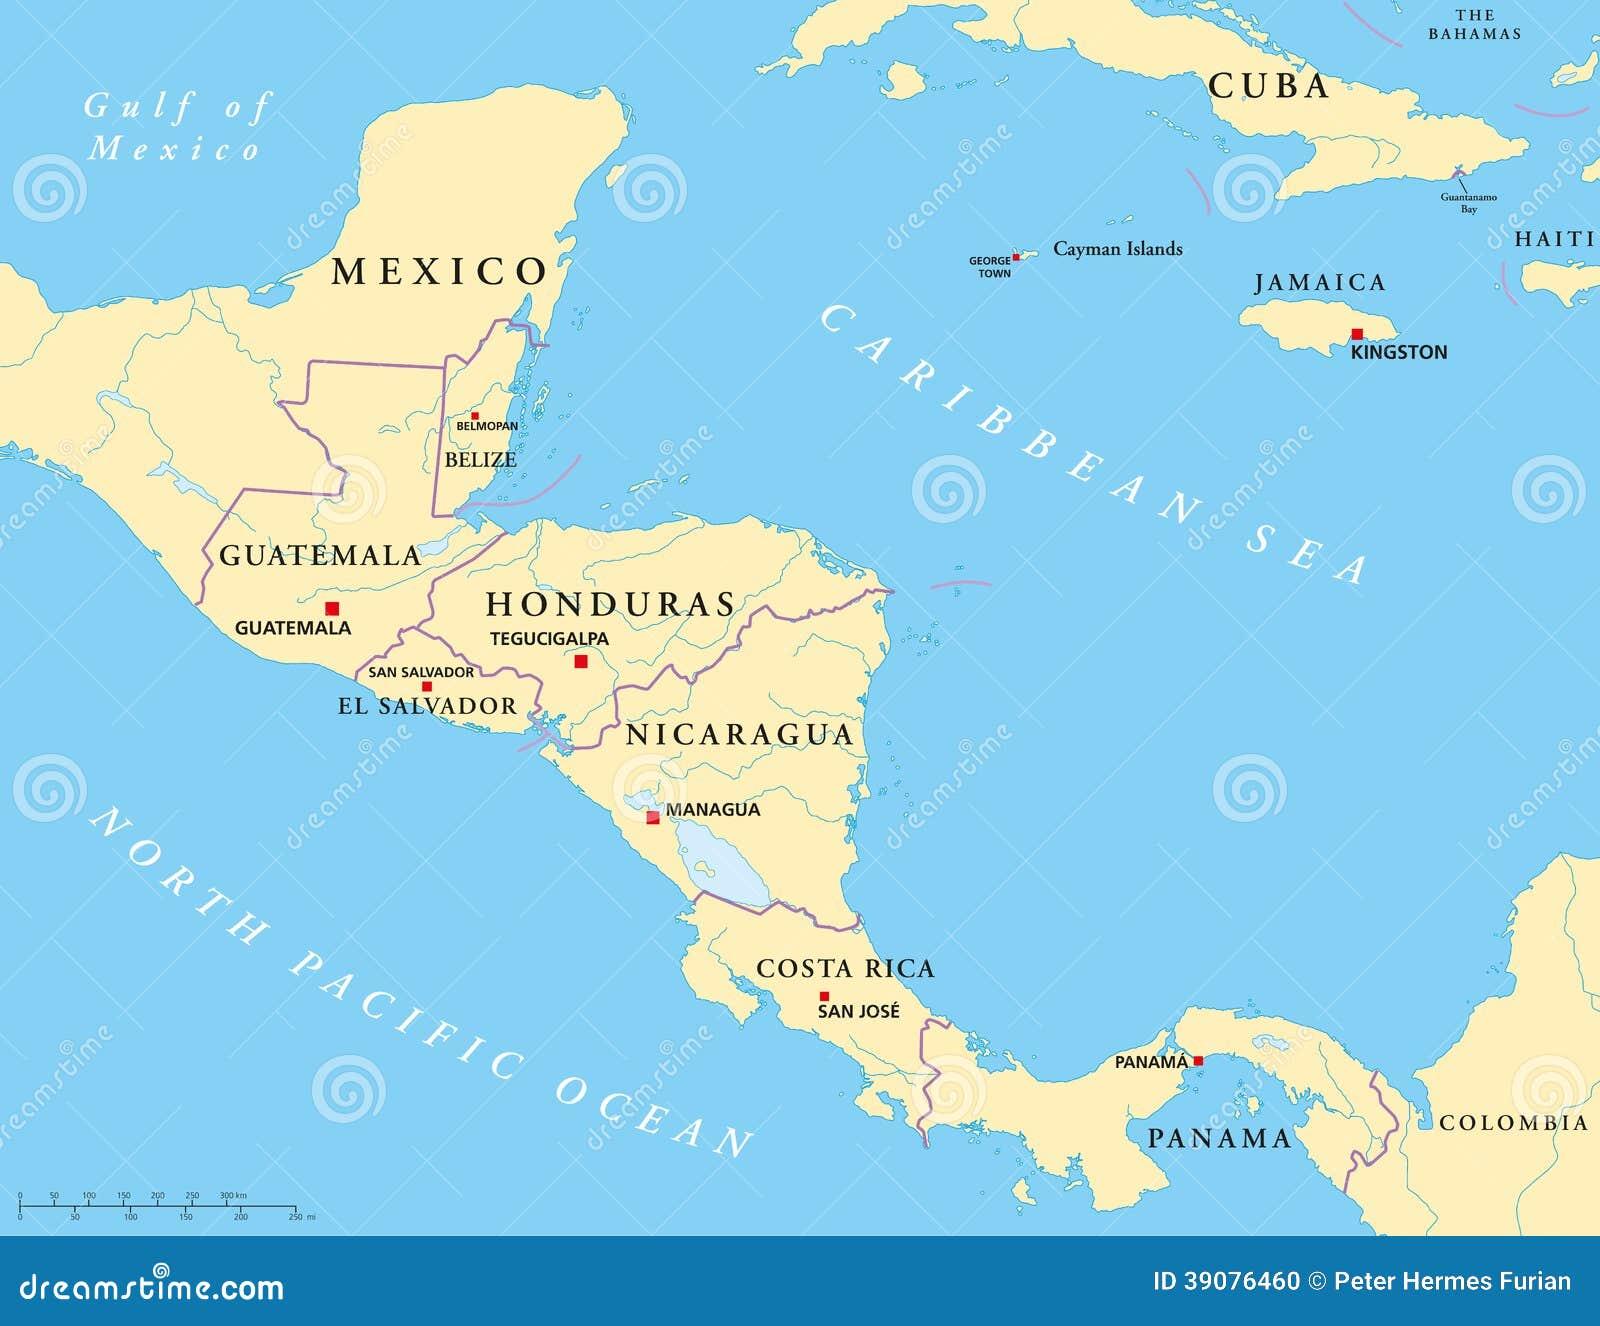 Mapa America Central Jpg 1168 766 America Central Mapa Geografia